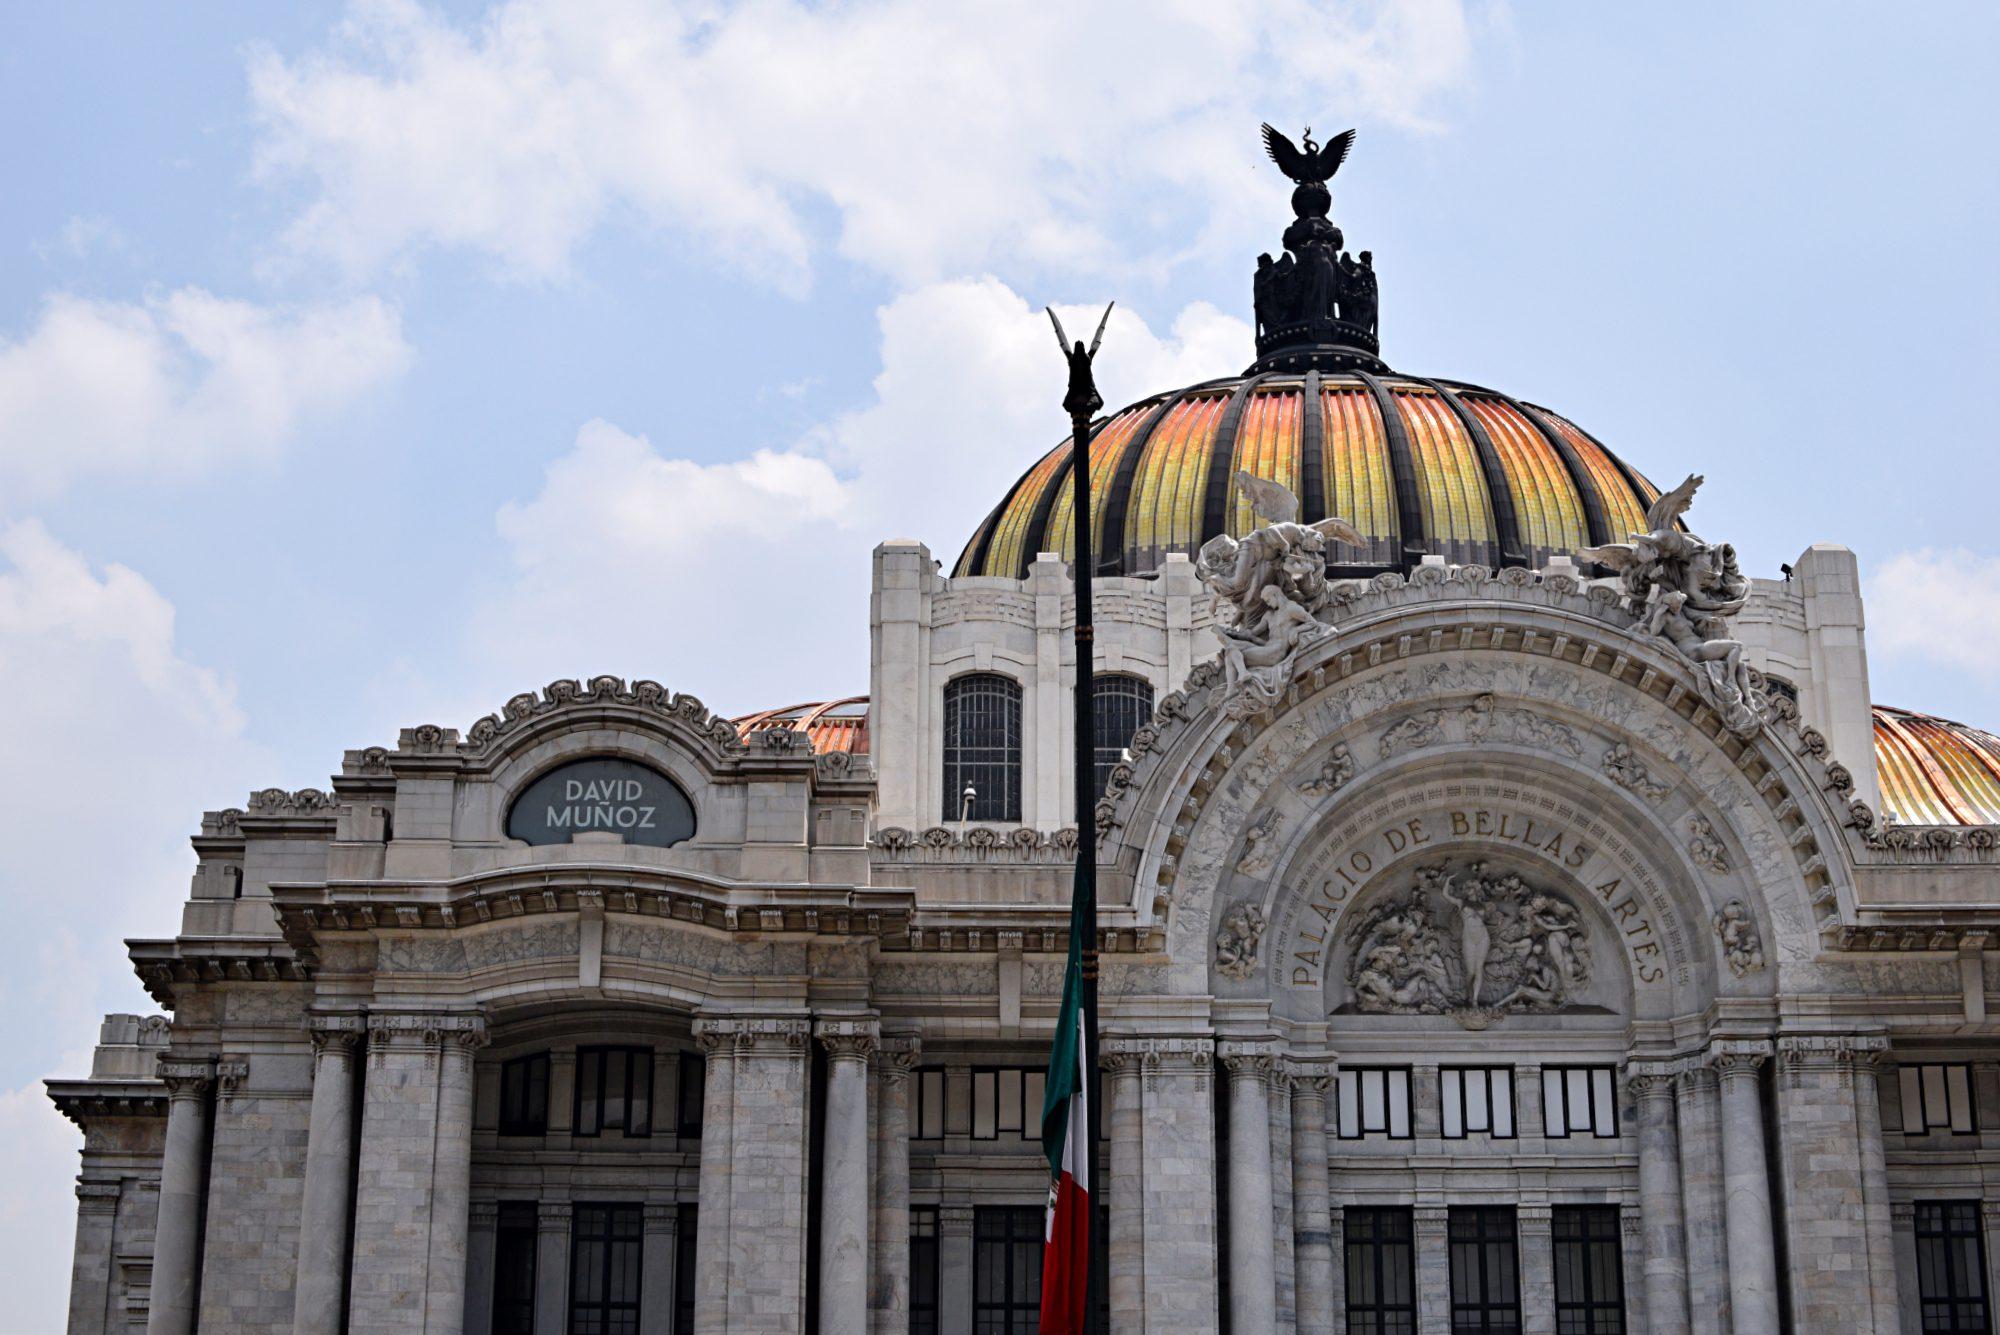 palace of fine arts mexico city